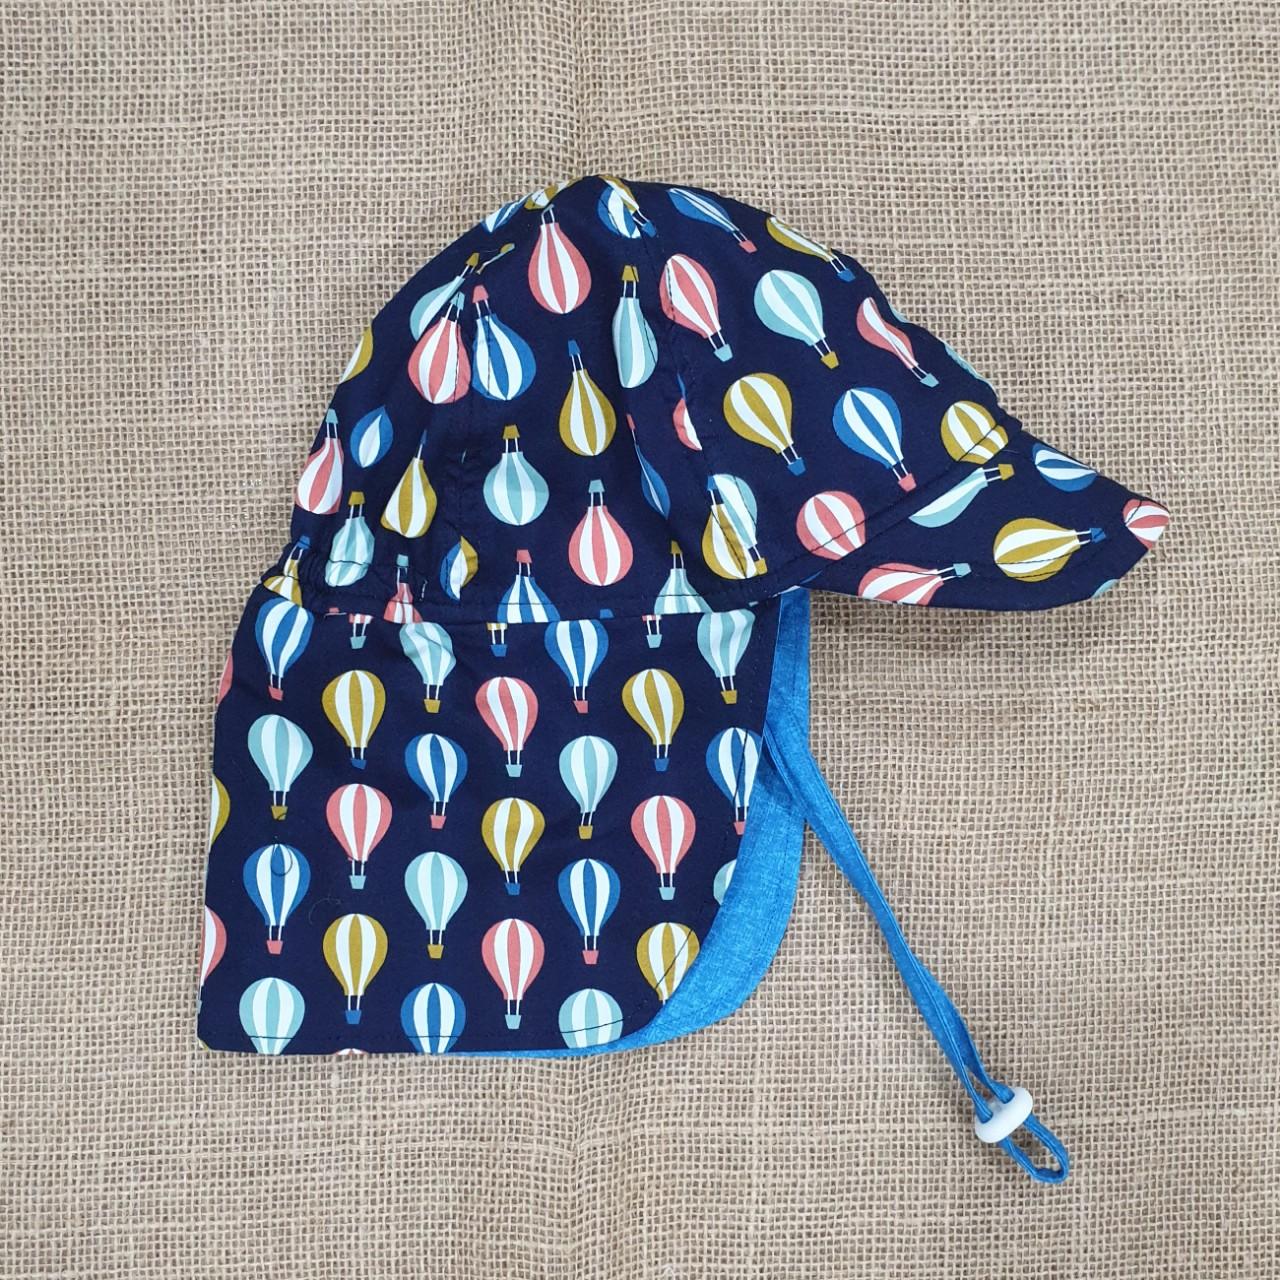 Mũ che gáy chống nắng cho bé trai, bé gái từ 0 - 12 tuổi mẫu khinh khí cầu đi biển dã ngoại